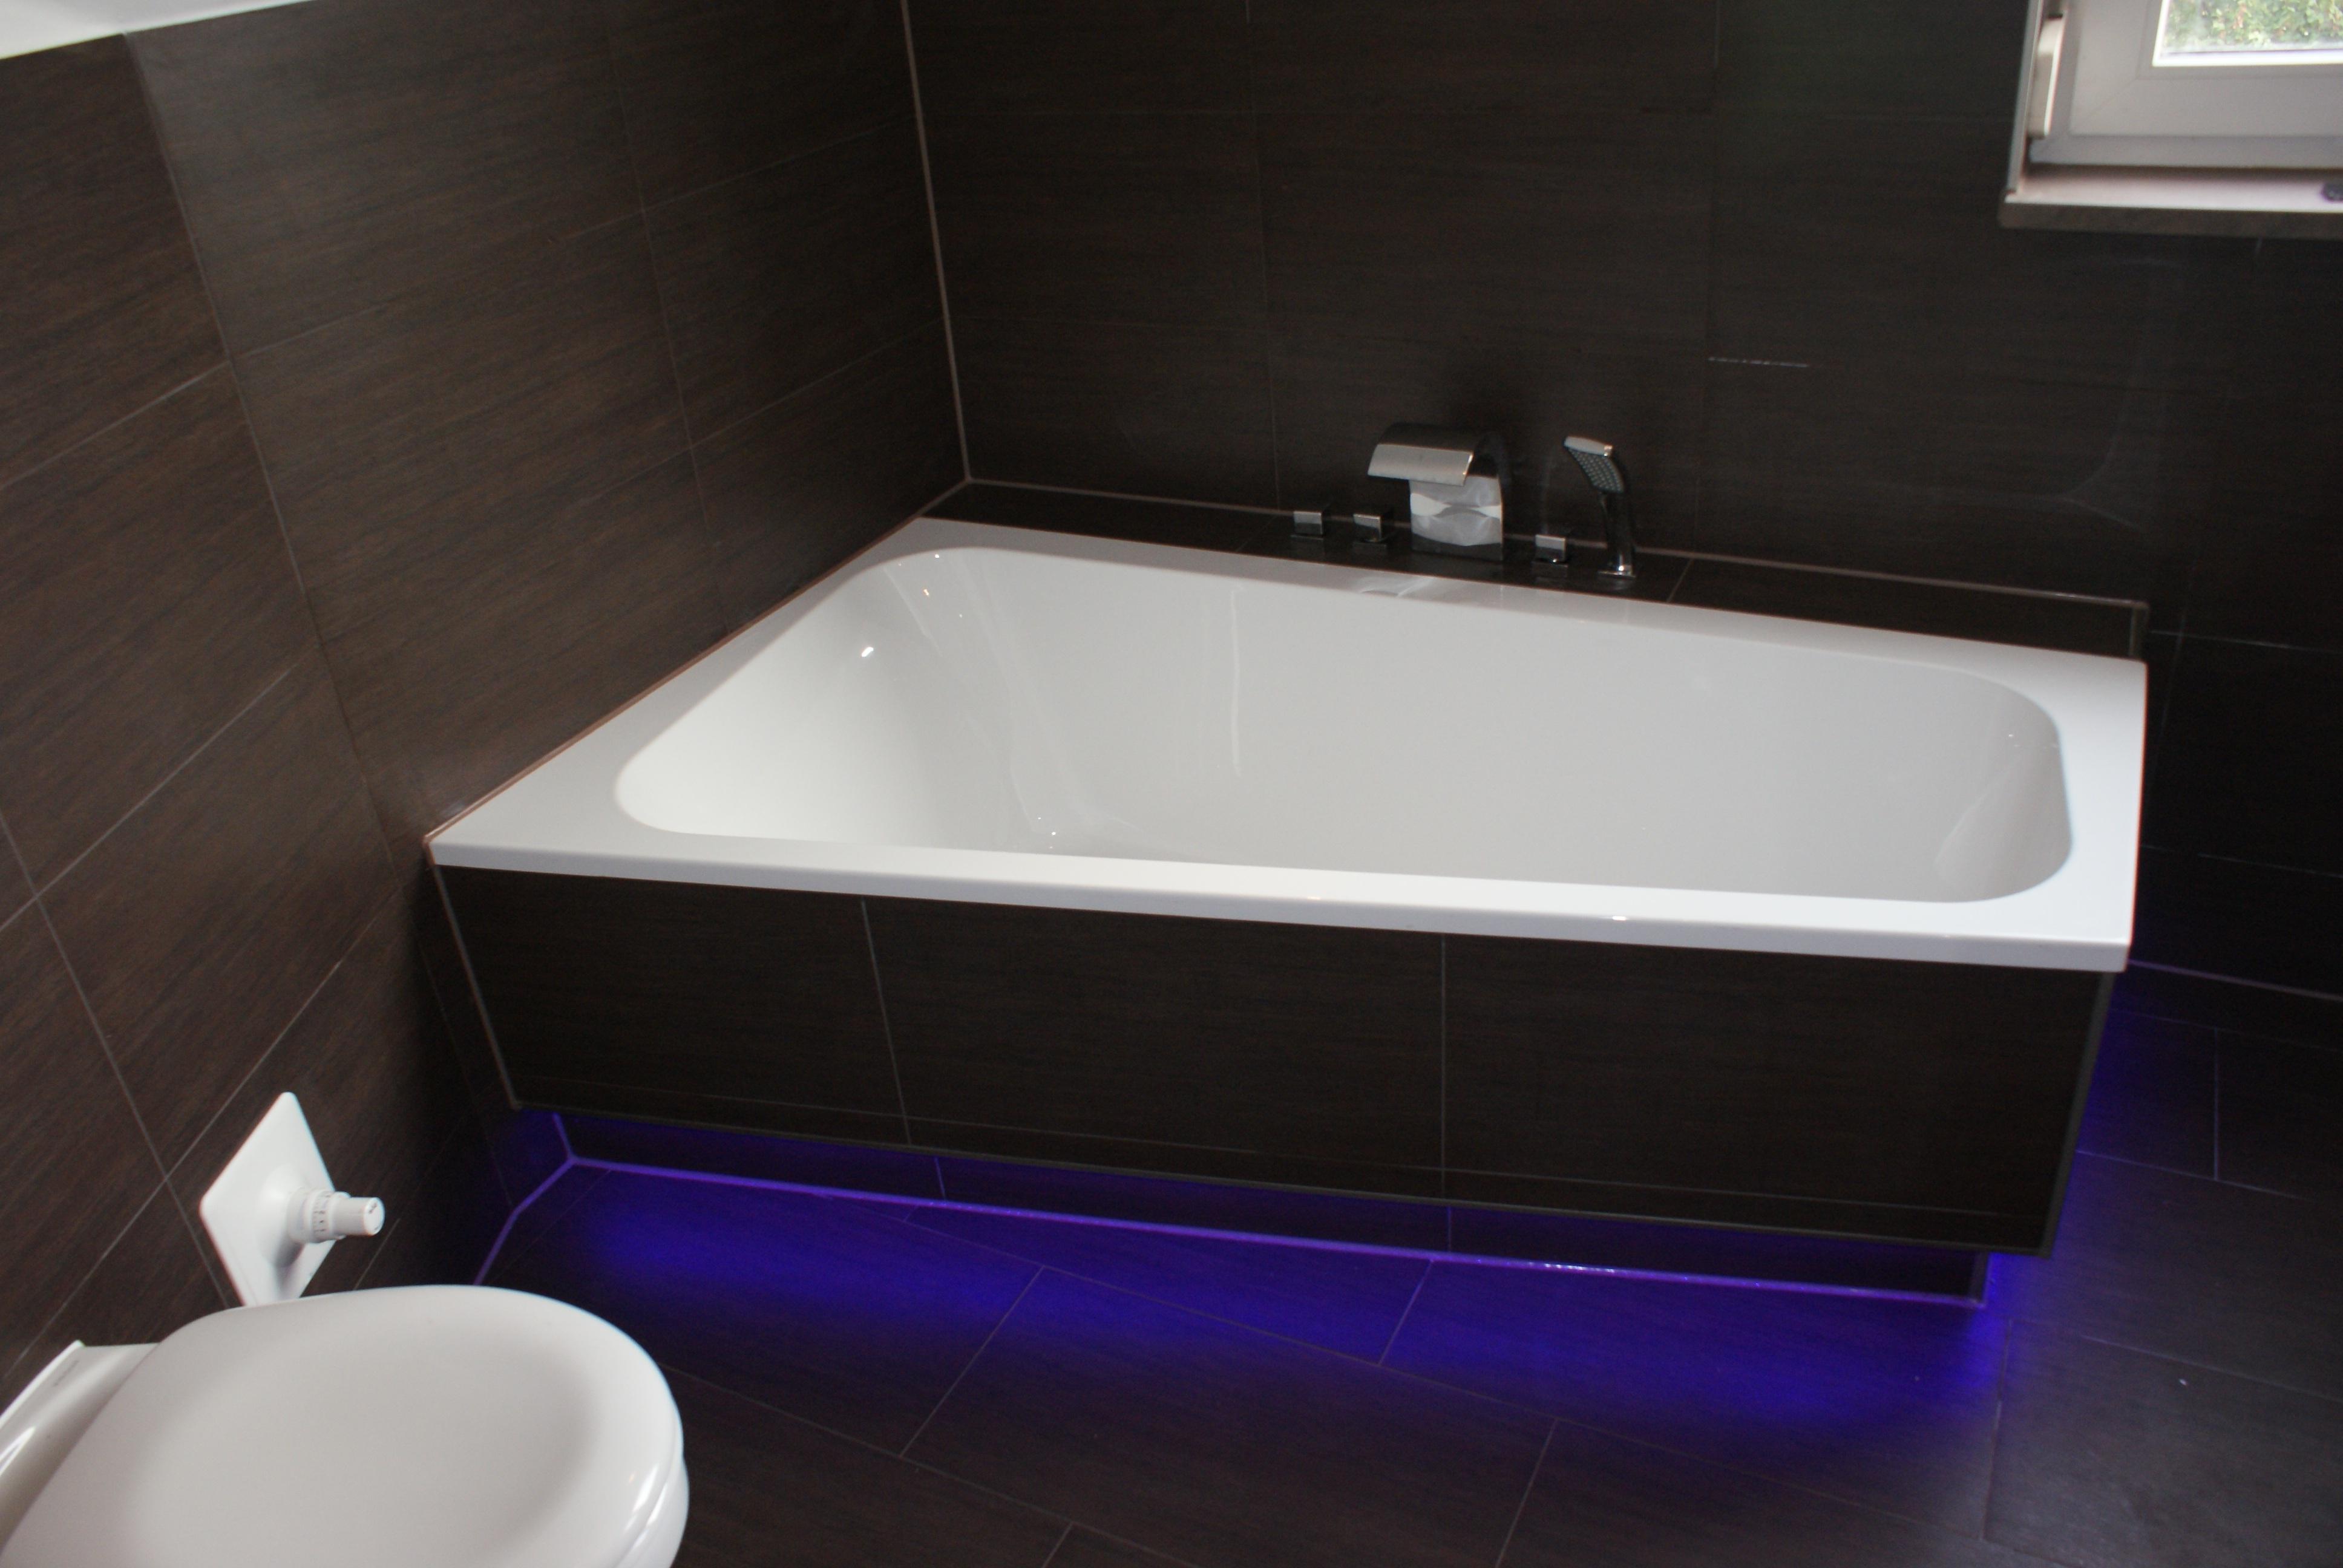 Free Images : floor, swimming pool, sink, room, bathtub, bathroom ...